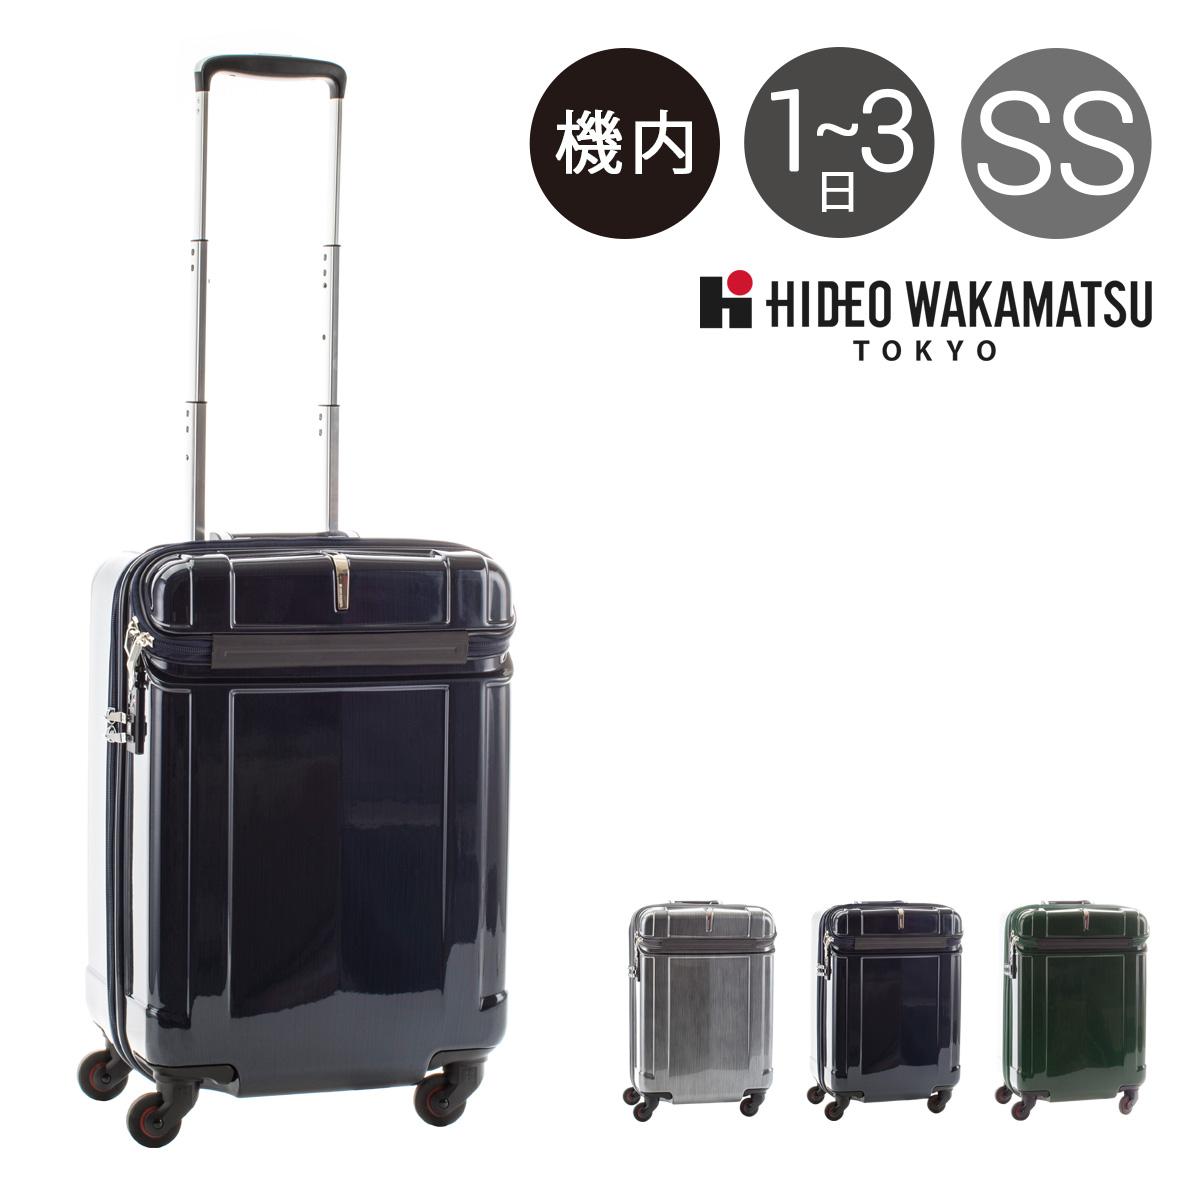 ヒデオワカマツ スーツケース シェルパー|機内持ち込み 39L 50.5cm 3.4kg 85-76340|トップオープン フロントオープン ハード ファスナー 静音 TSAロック搭載 ポケット付き [PO10][bef]